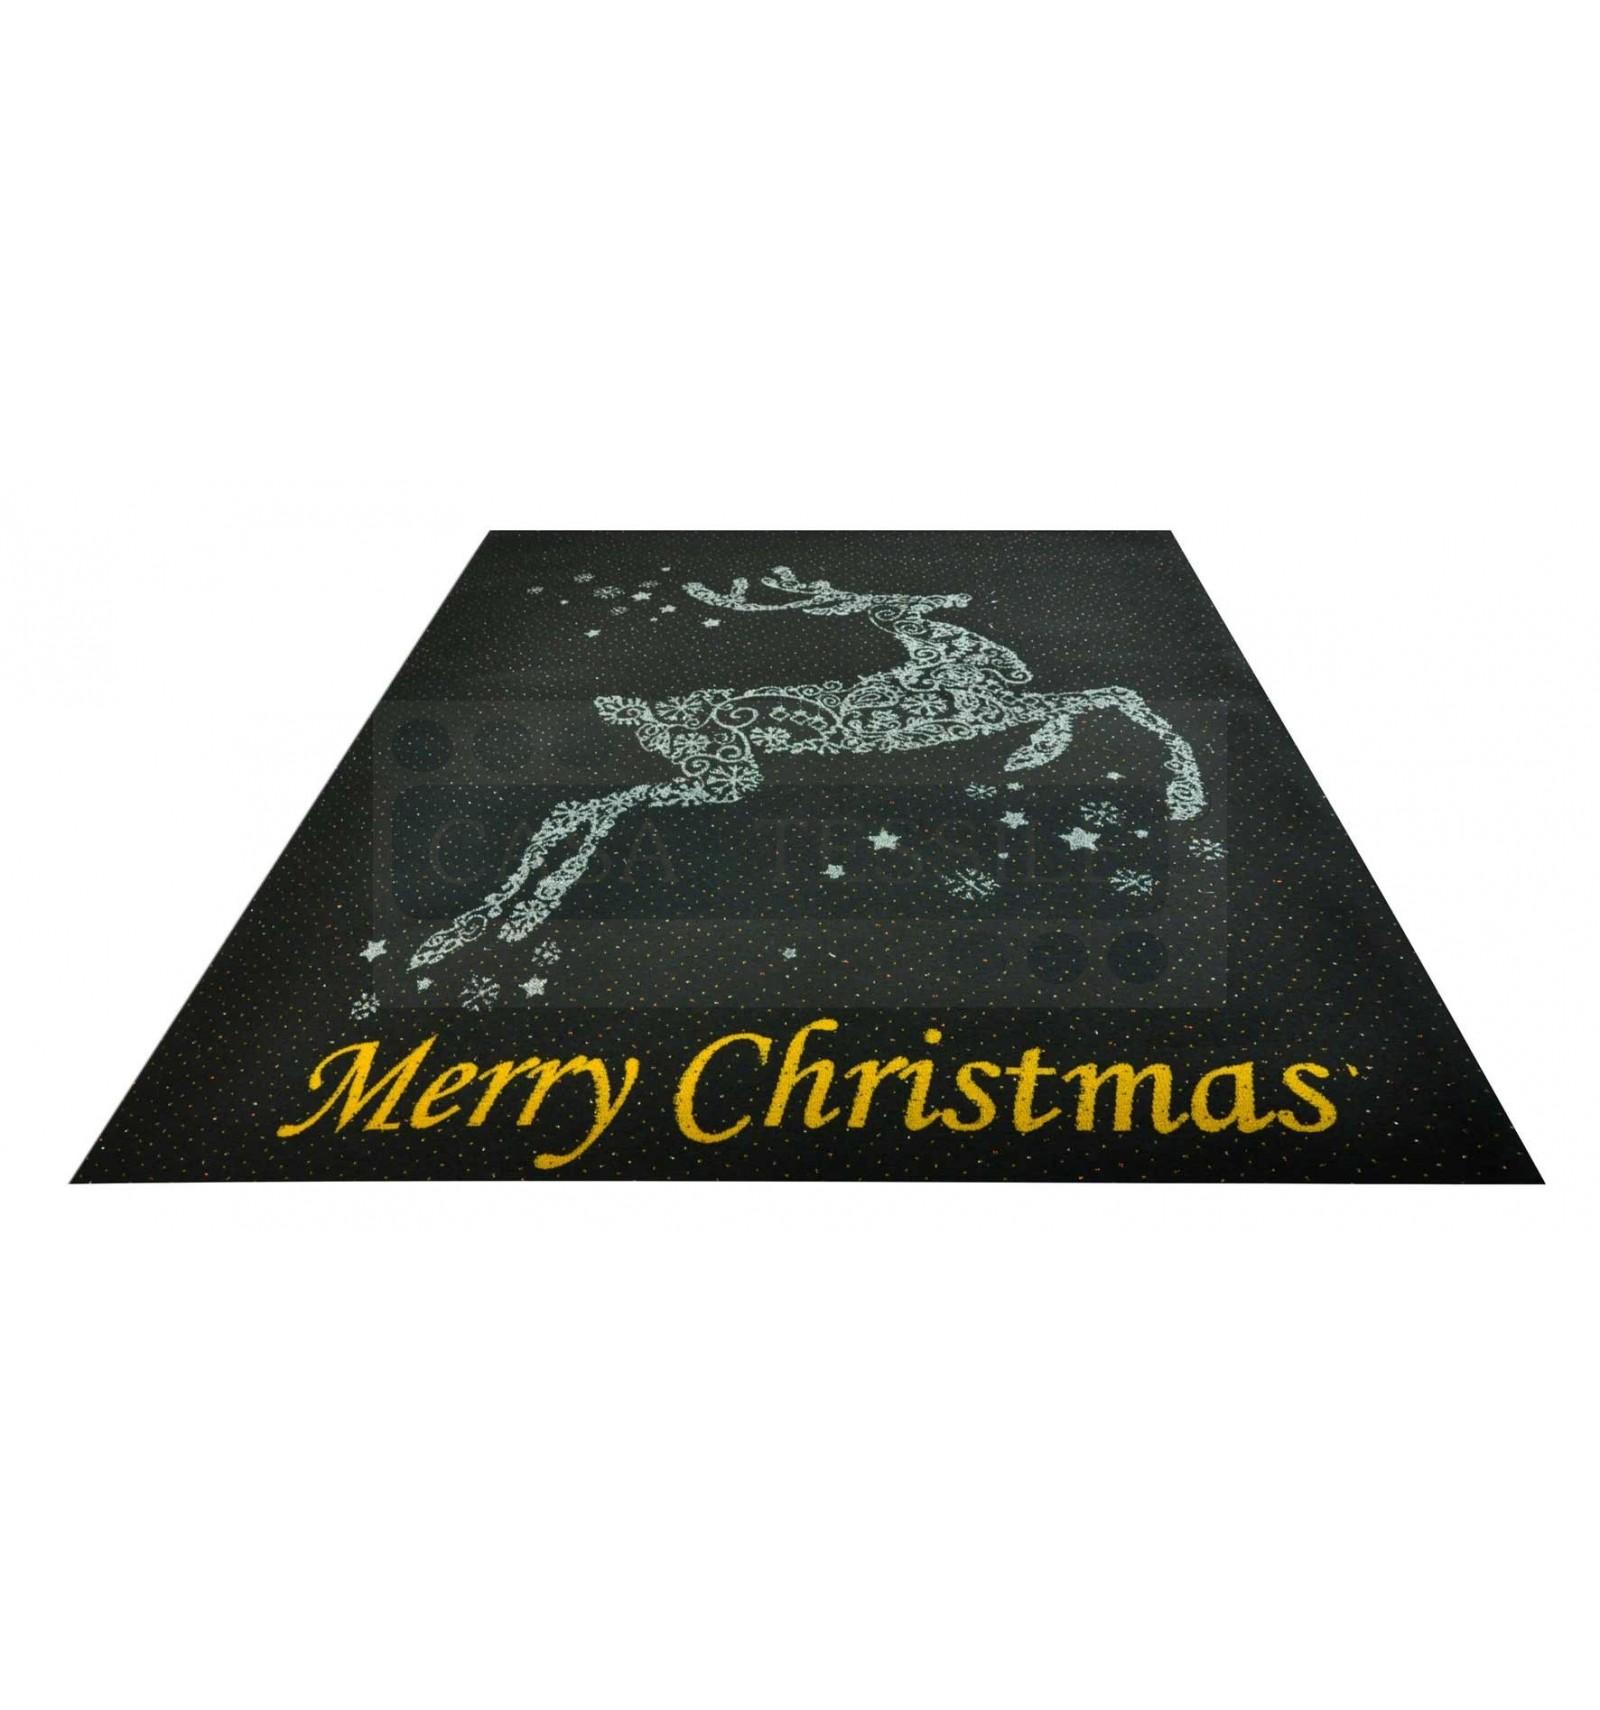 Schwarzer Teppich Frohe Weihnachten Läufer 100 x 120 cm. N1Bis | eBay